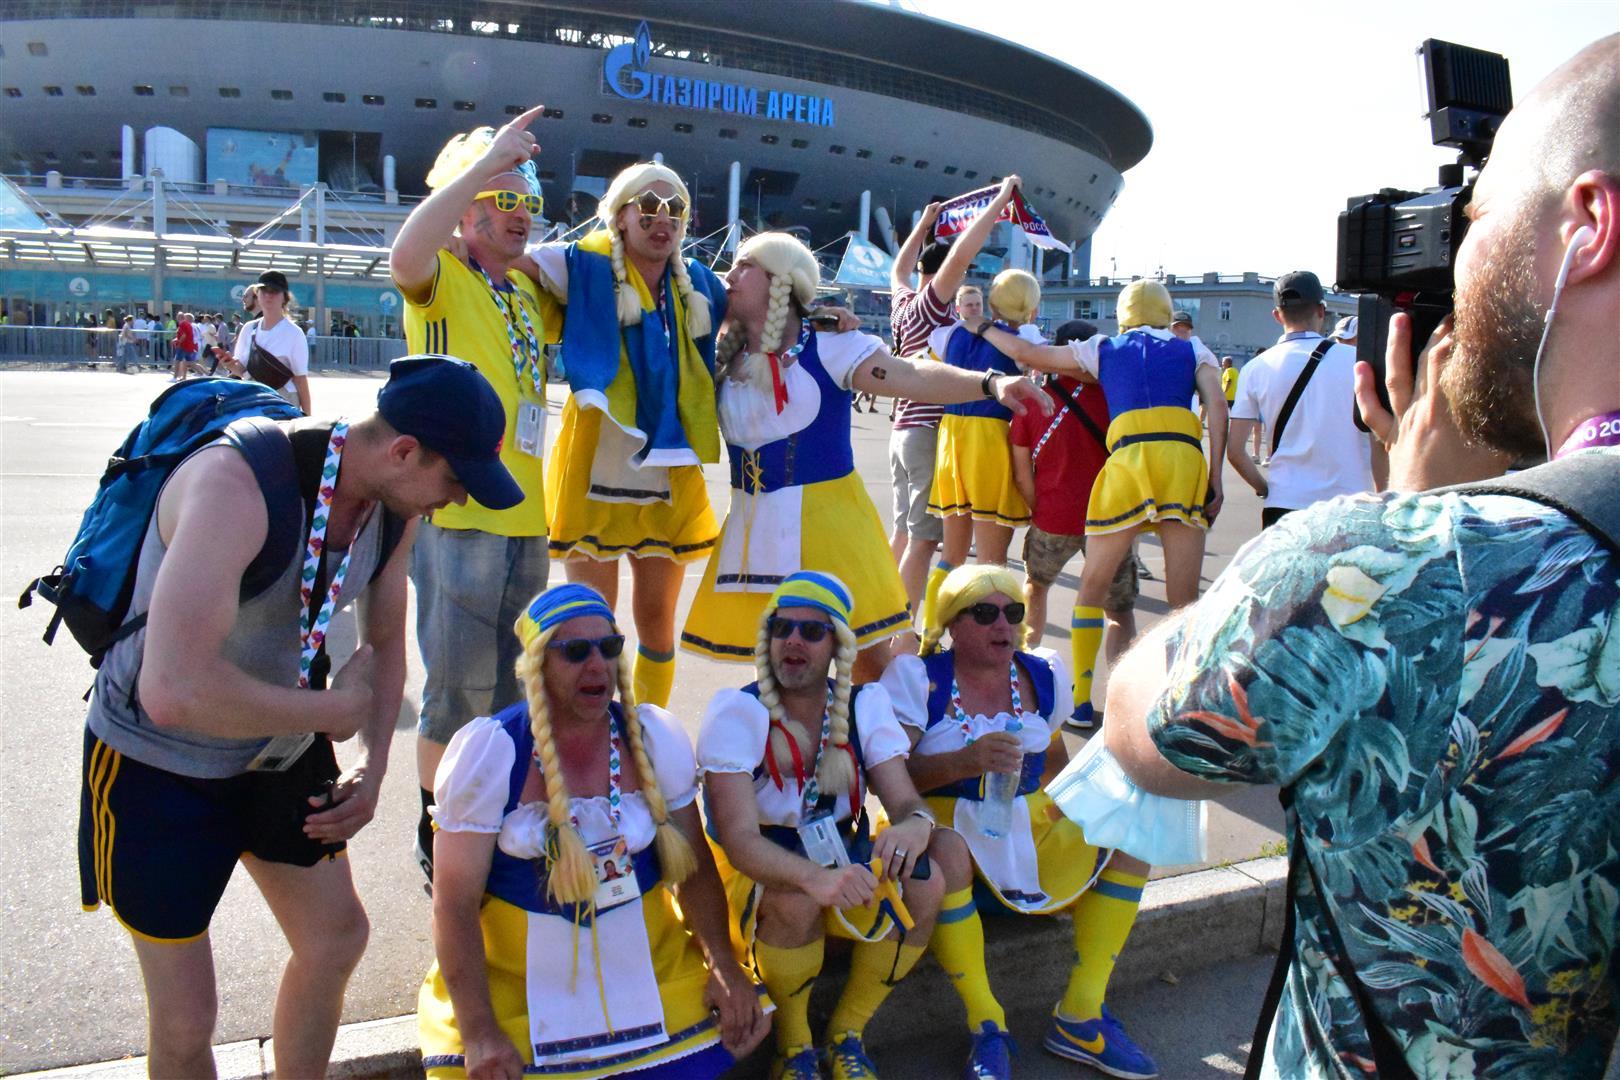 польша швеция. футбол. евро 2020. чемпионат европы по футболу. сборная швеции по футболу